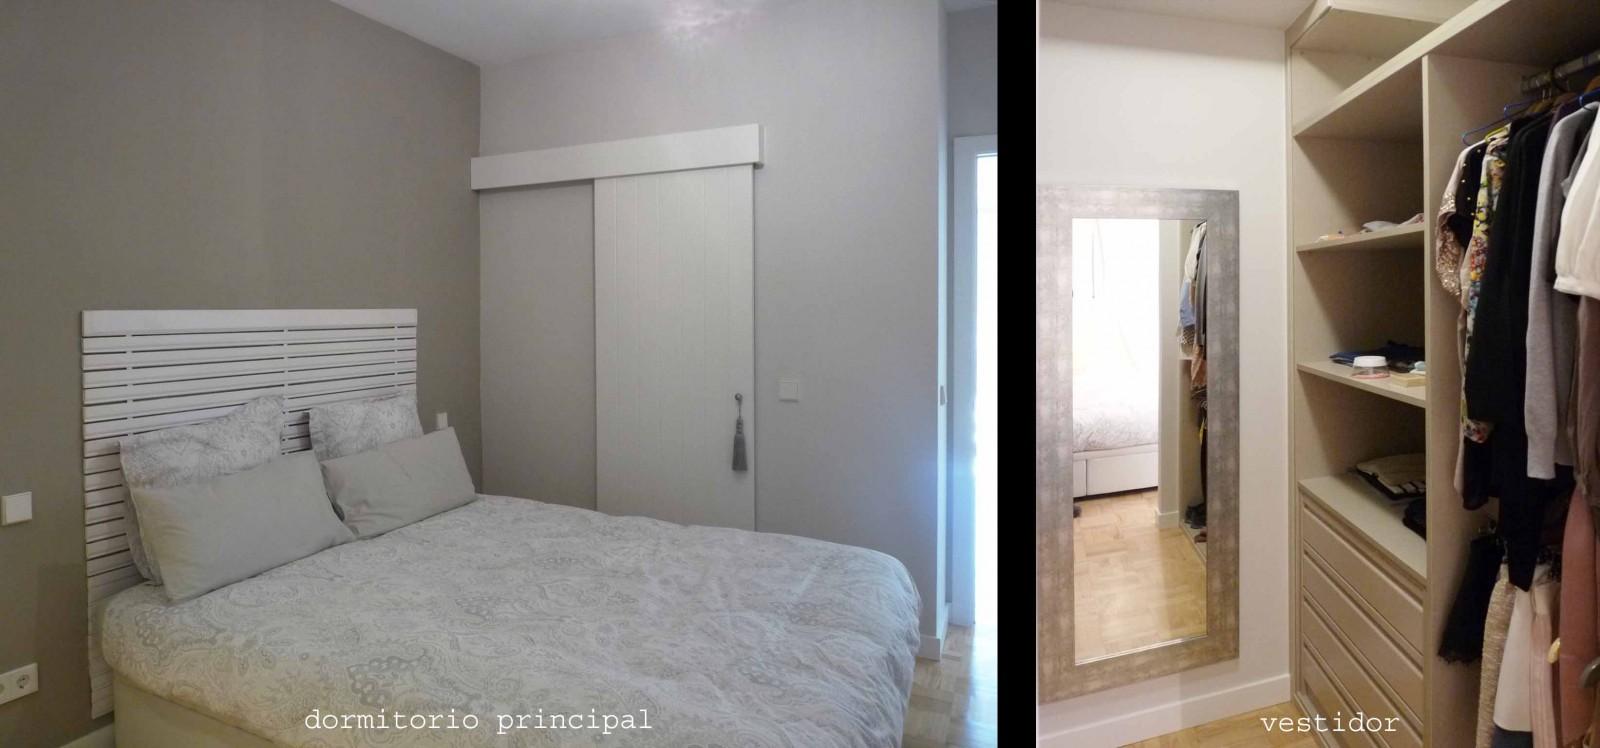 El dormitorio principal con vestidor y baño en suite.